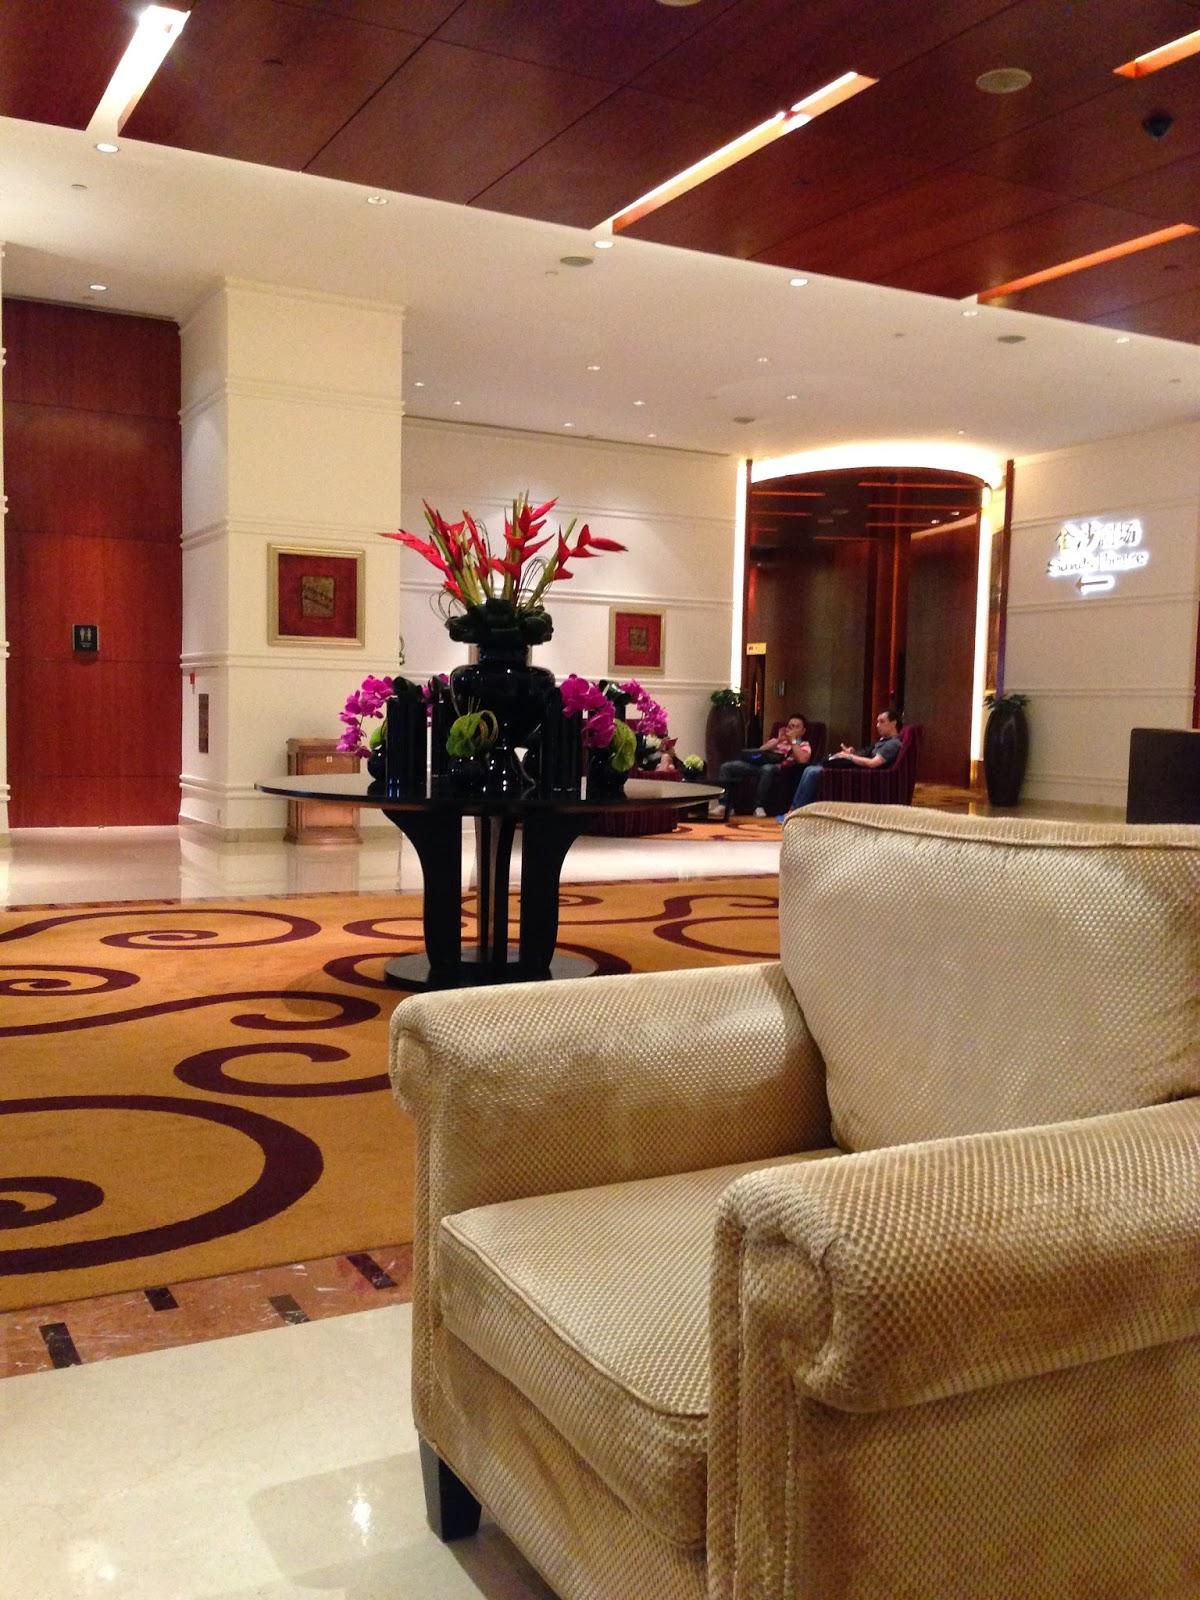 CLMaKeUp: 澳門遊- 澳門金沙酒店 + 888自助餐